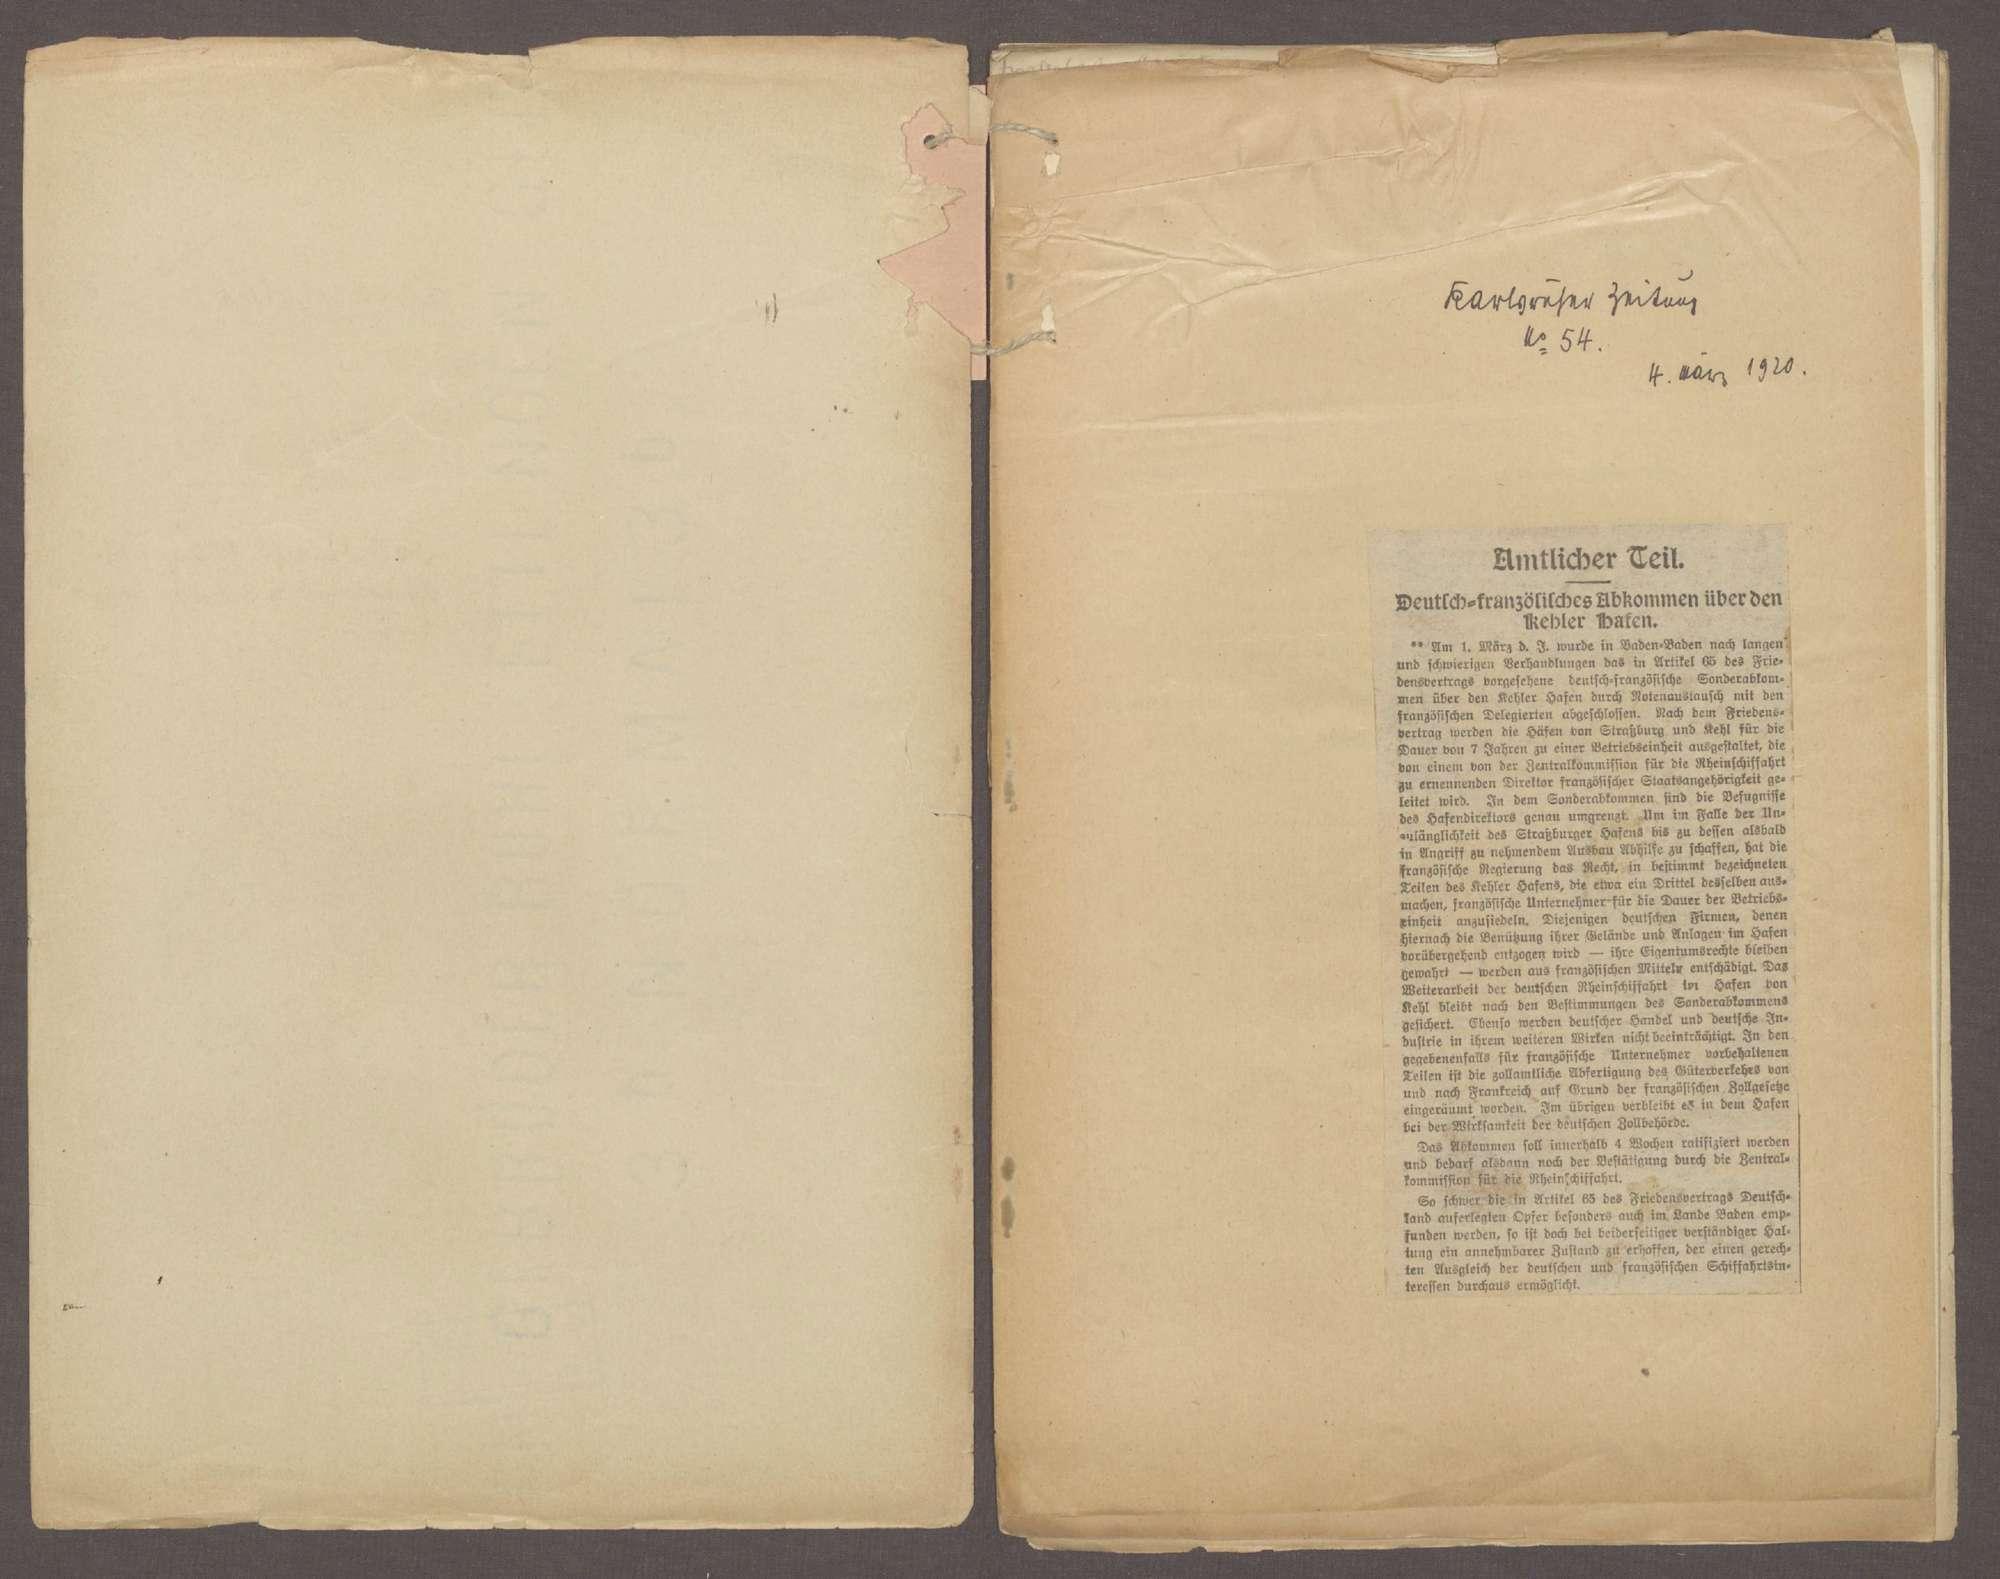 Deutsch-französisches Abkommen über den Kehler Hafen (Generalia), Bild 2